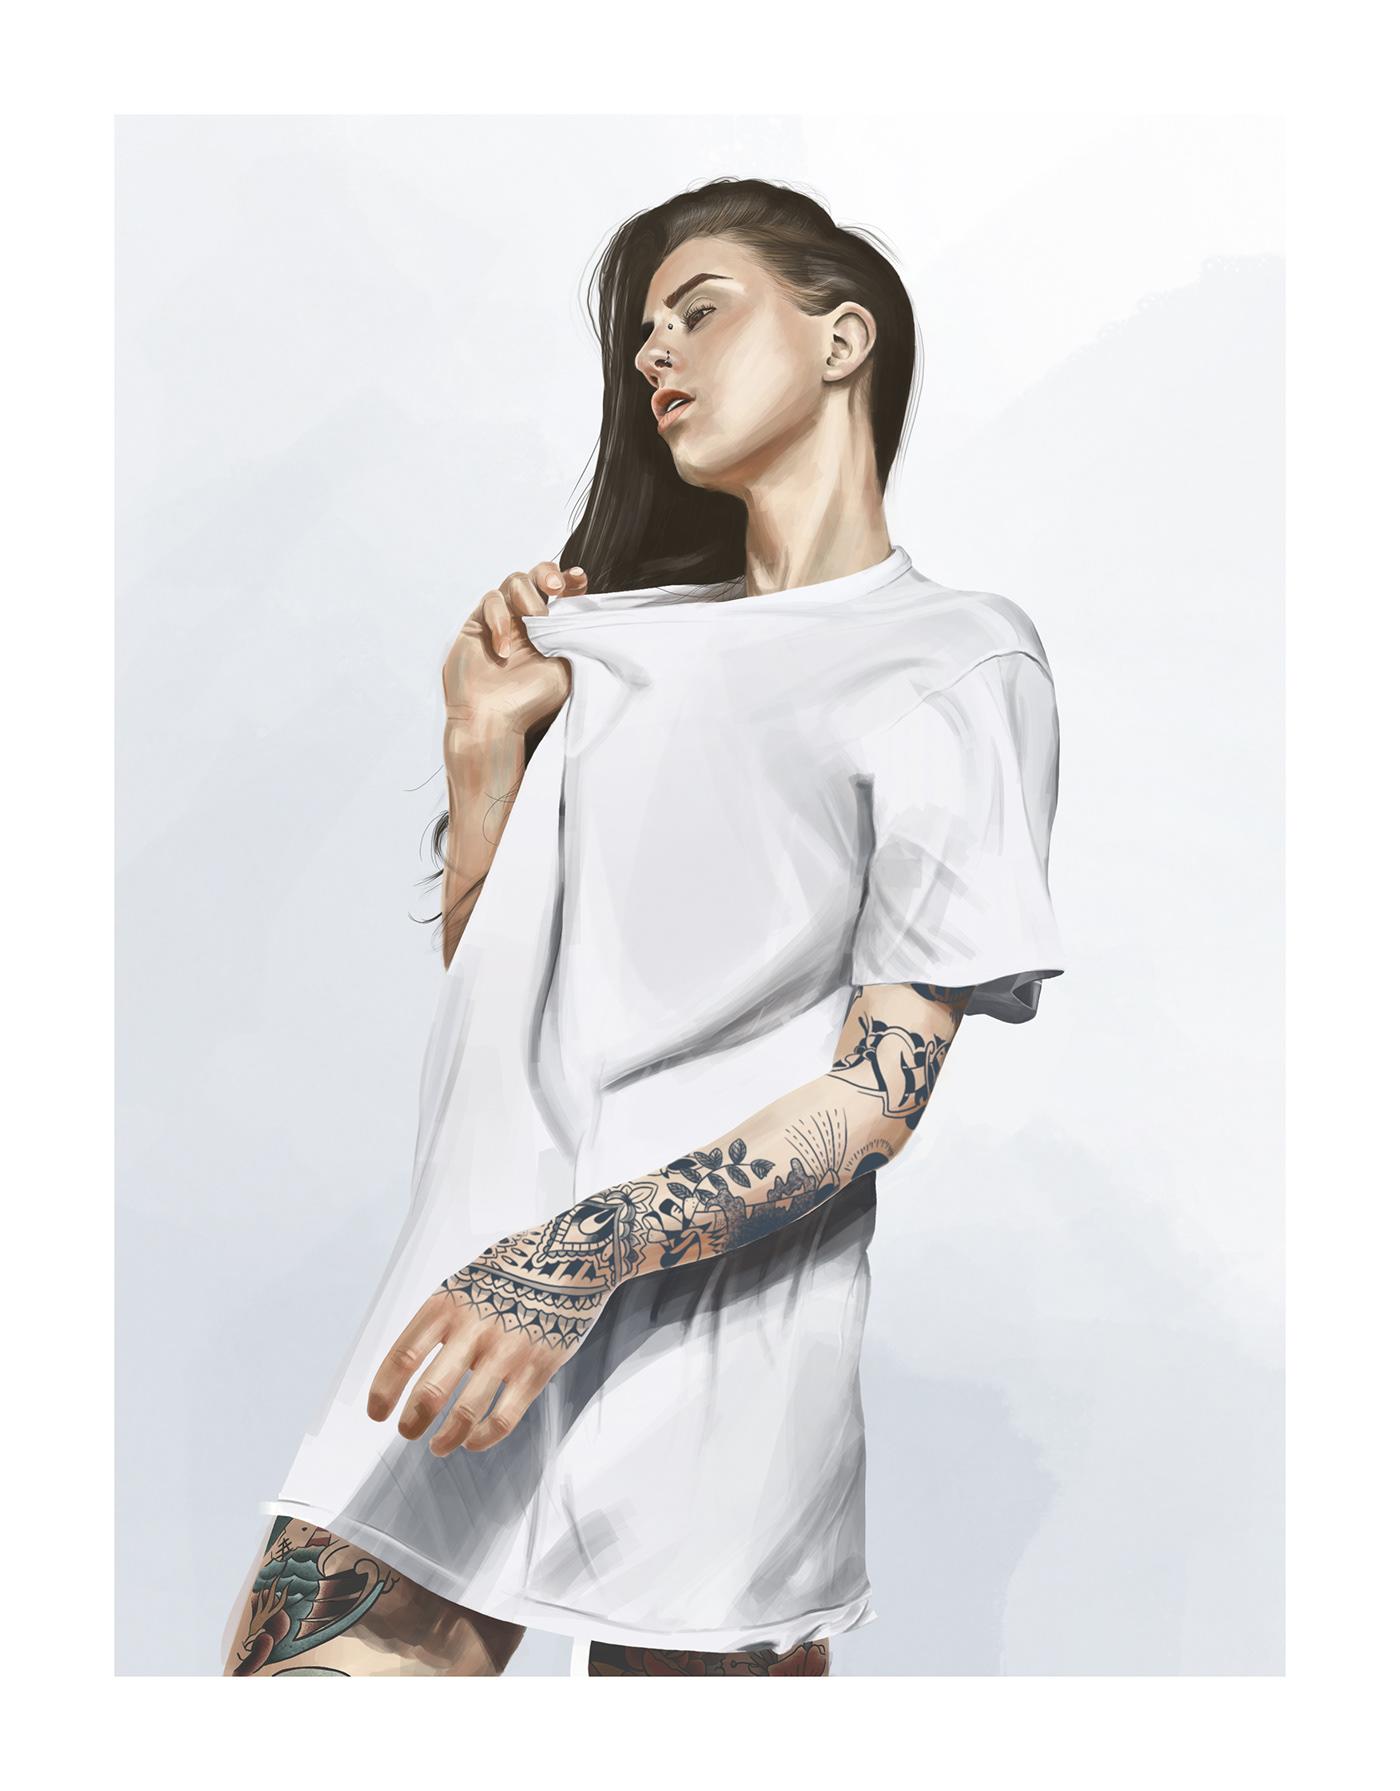 Procreate digitalart digitalpainting painting   model tattoo tattooedgirl inked whiteshirt